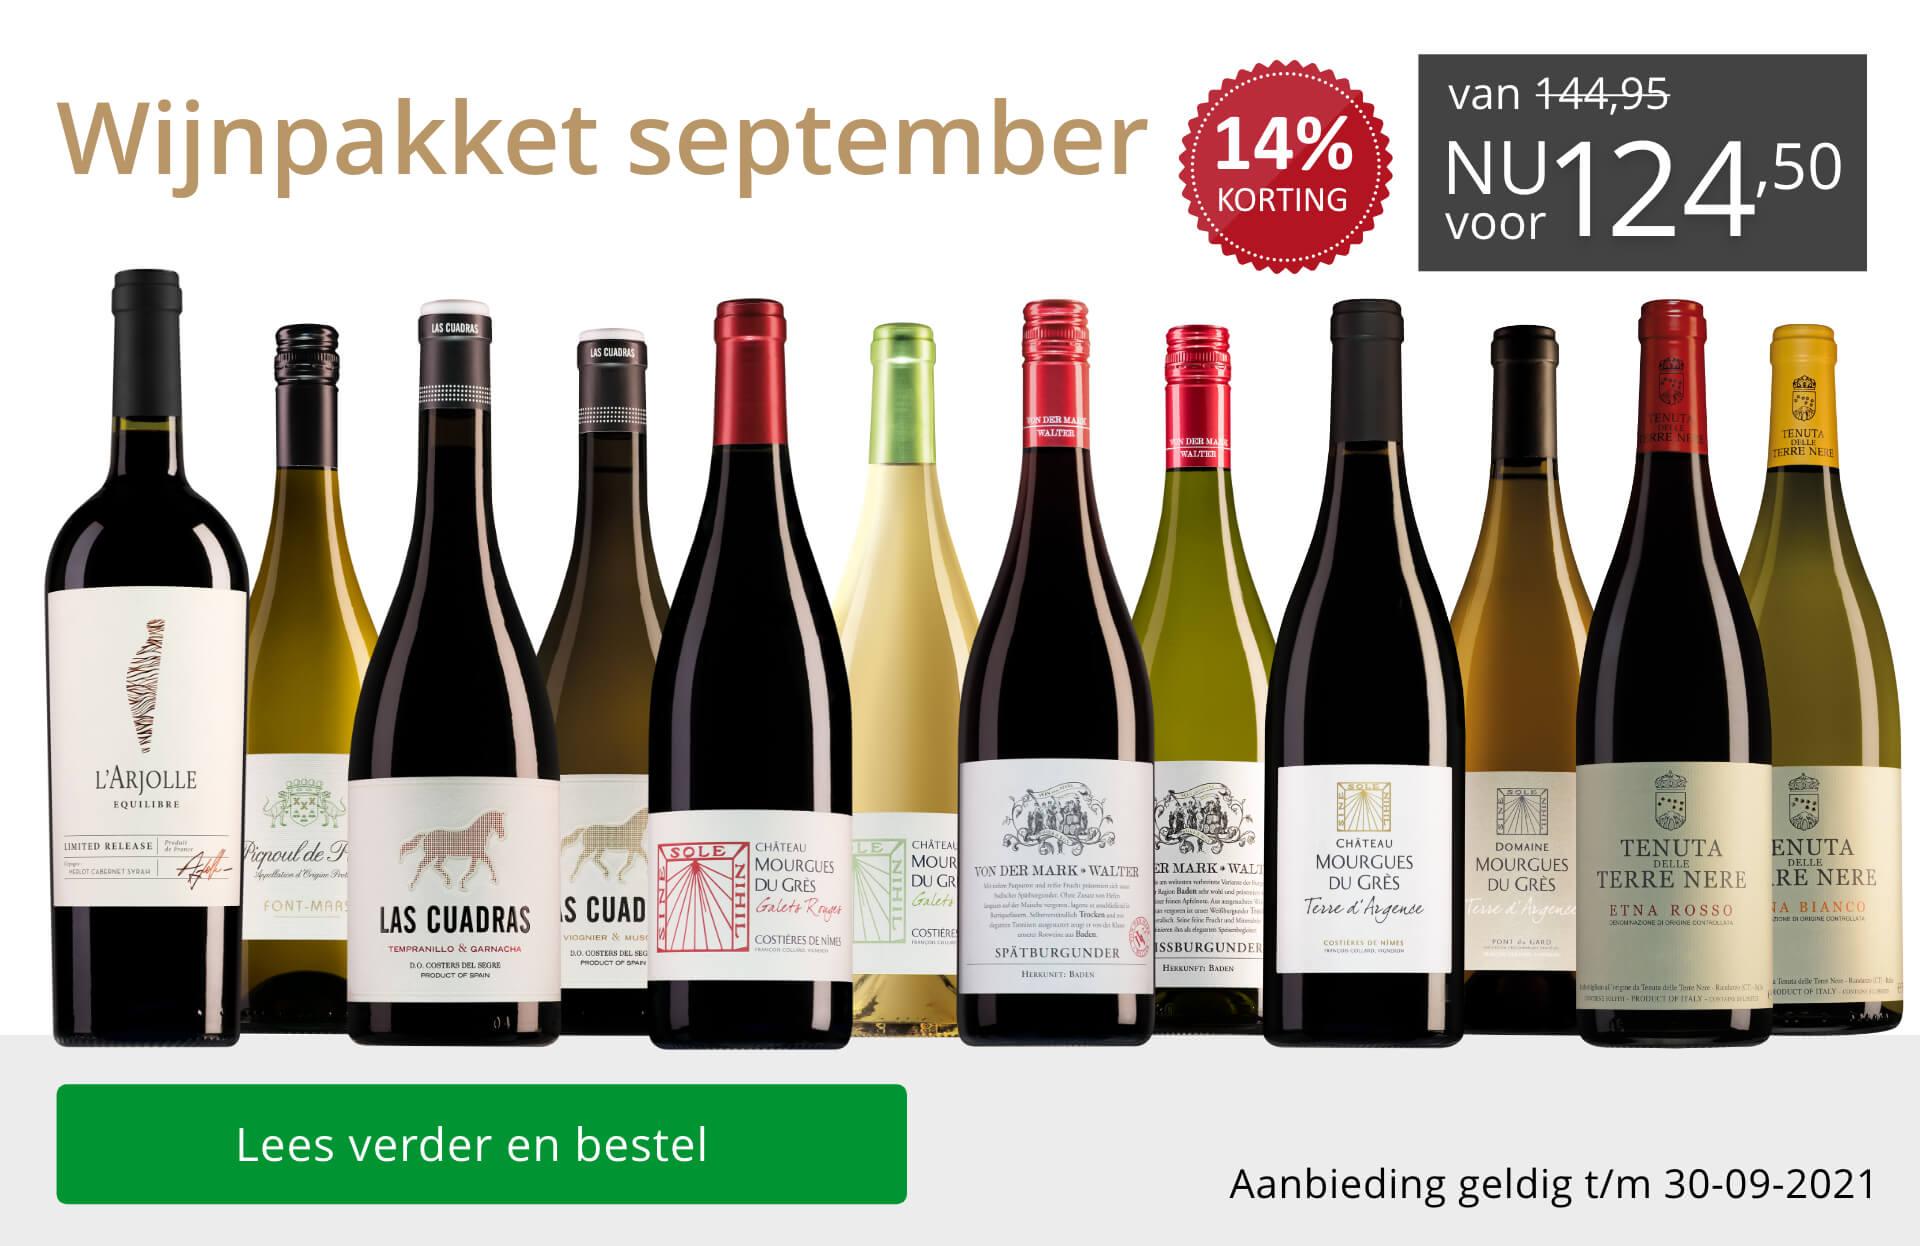 Wijnpakket wijnbericht september 2021 - grijs/goud